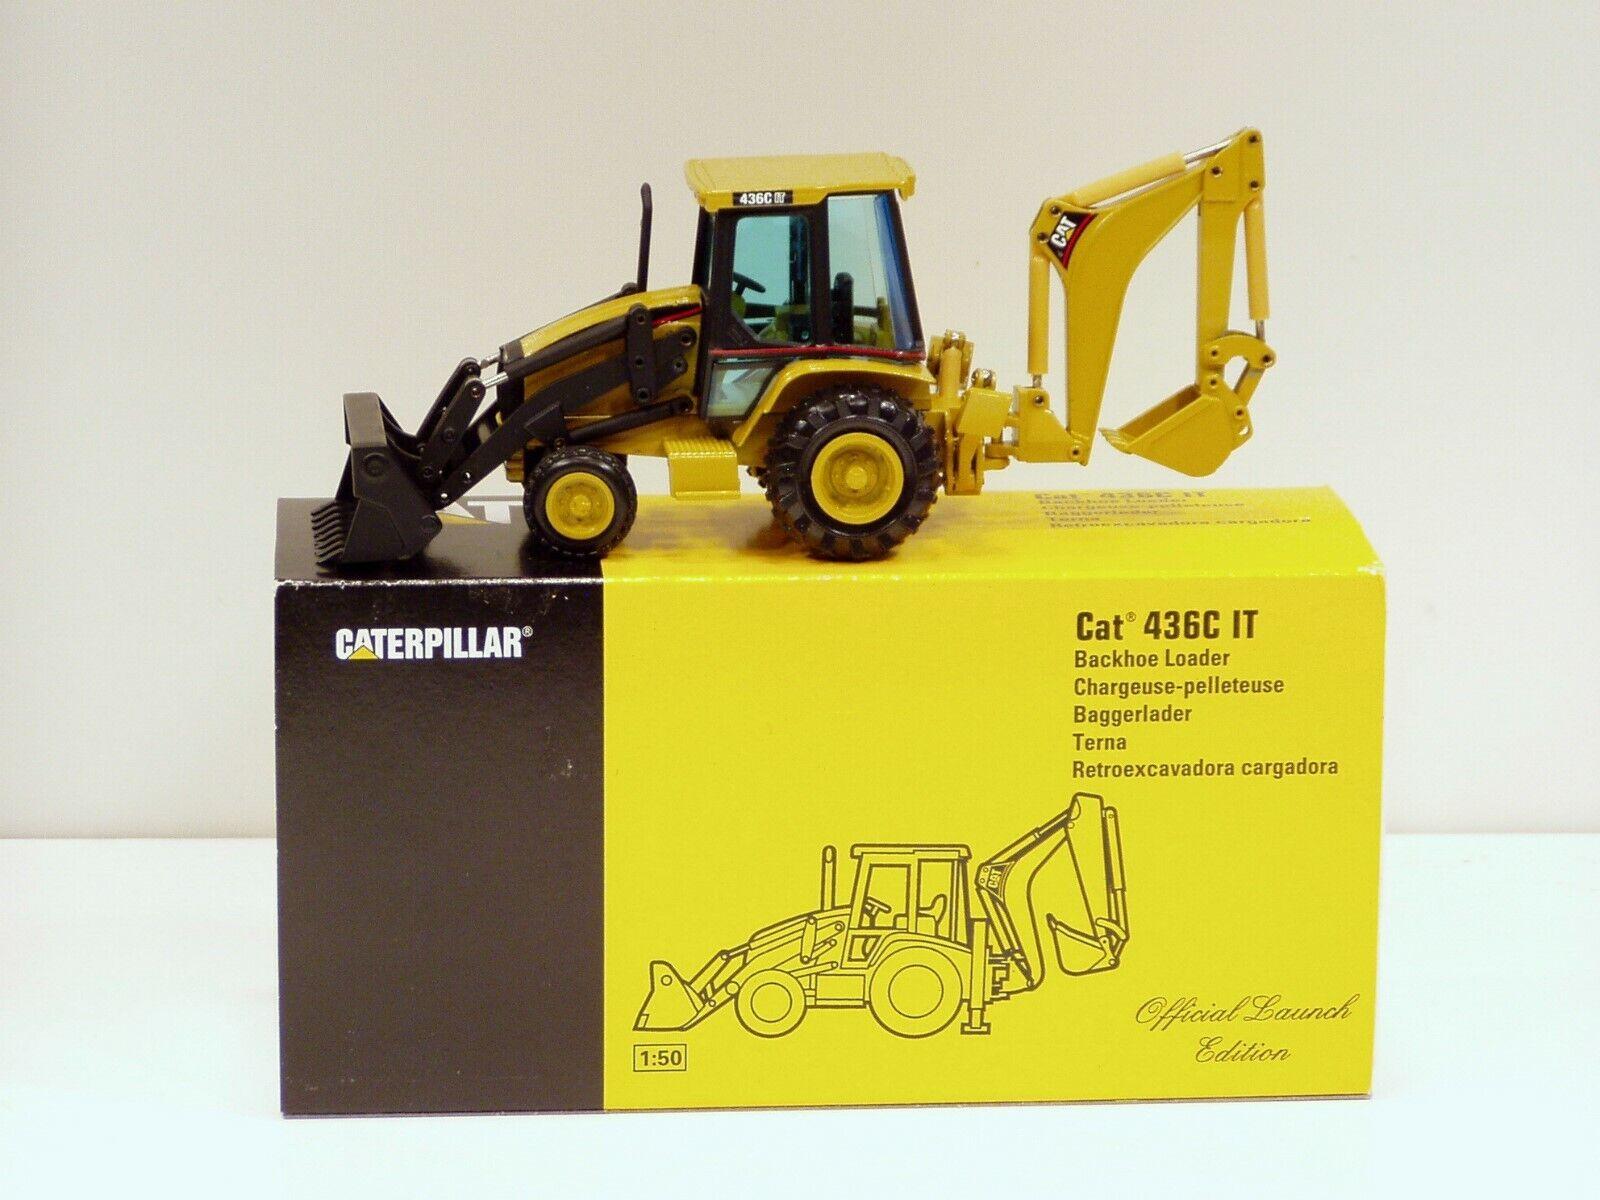 Caterpillar 436CIT chargeuse -  Lancement Edition  - 1 50 - NZG  429 - En parfait état, dans sa boîte